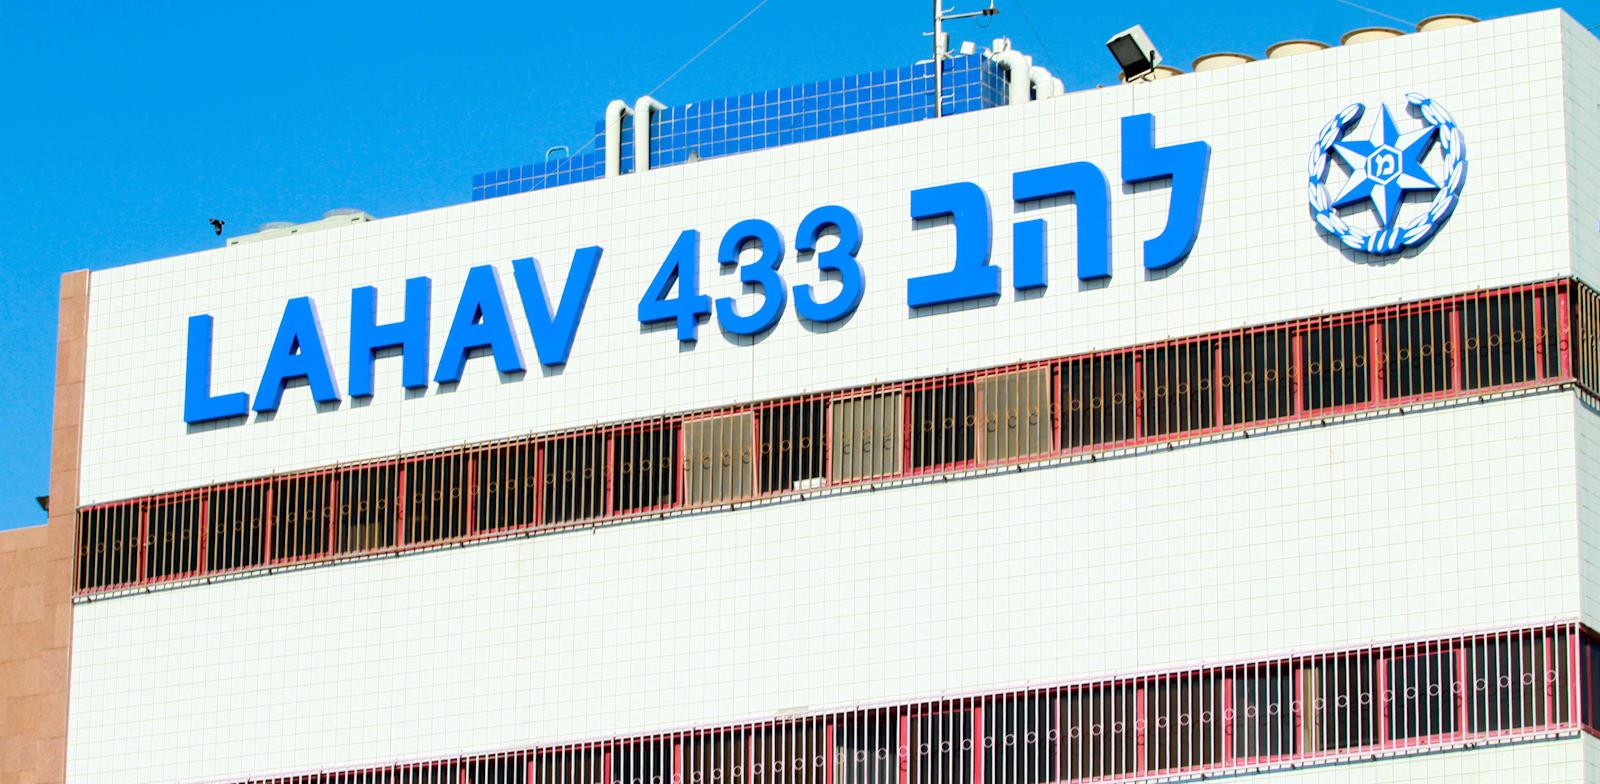 """בניין לה""""ב 433 בלוד / צילום: שלומי יוסף"""